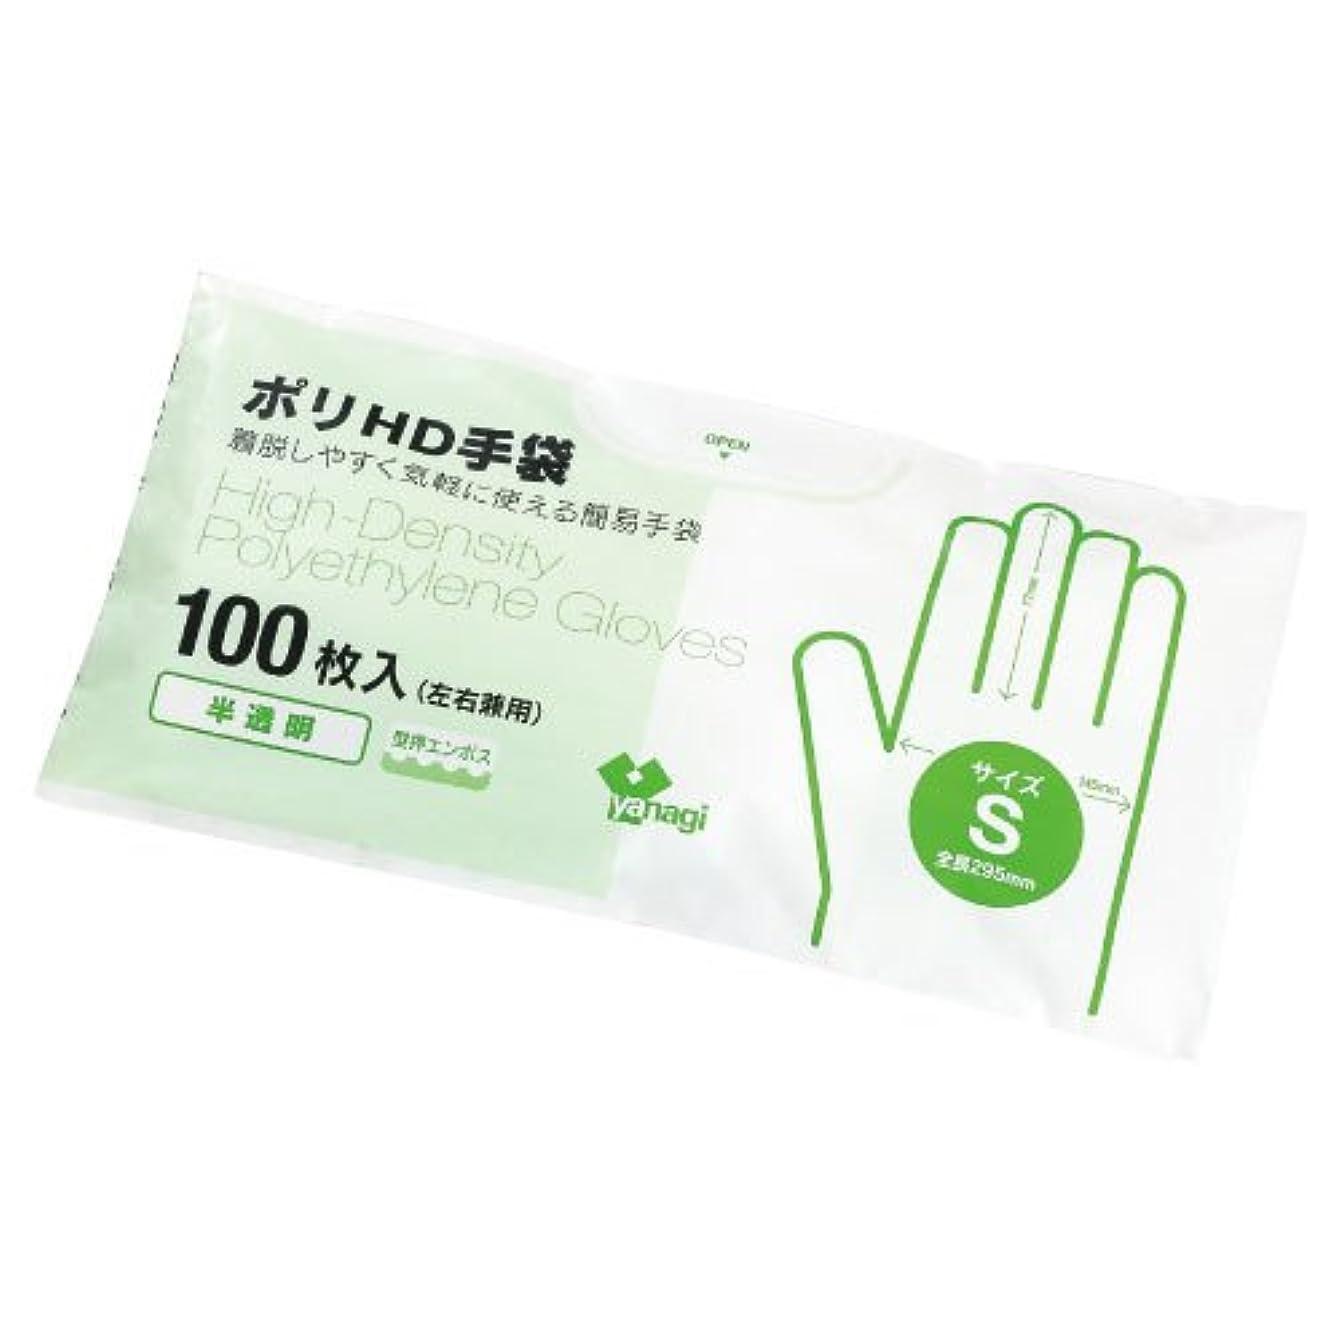 標準不名誉欠乏ポリHD手袋(半透明)型押エンボス TB-202(S)100???? ???HD???????????????(24-2575-00)【やなぎプロダクツ】[120袋単位]